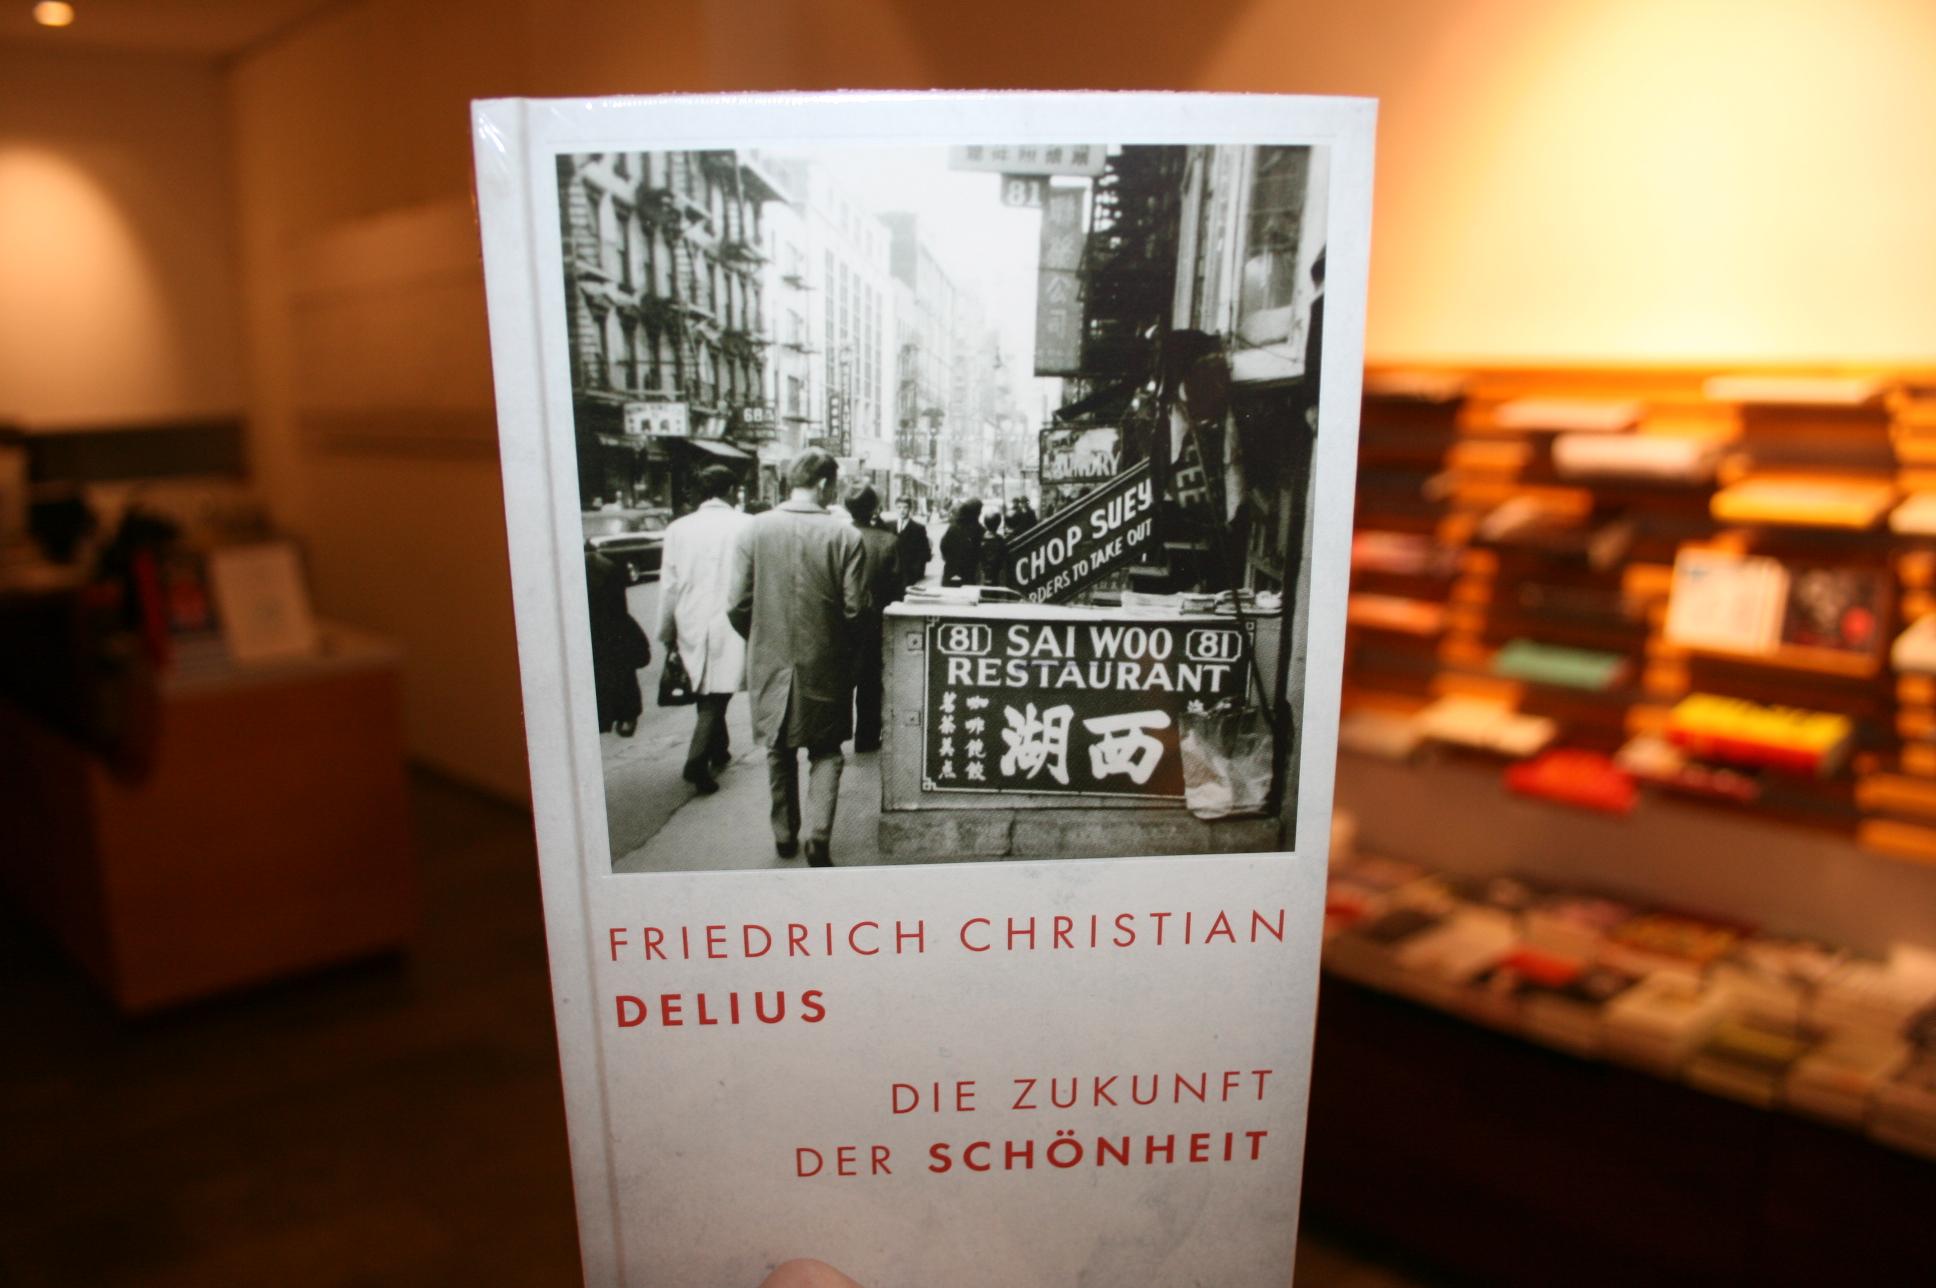 Friedrich Christan Delius, Zukunft der Schönheit